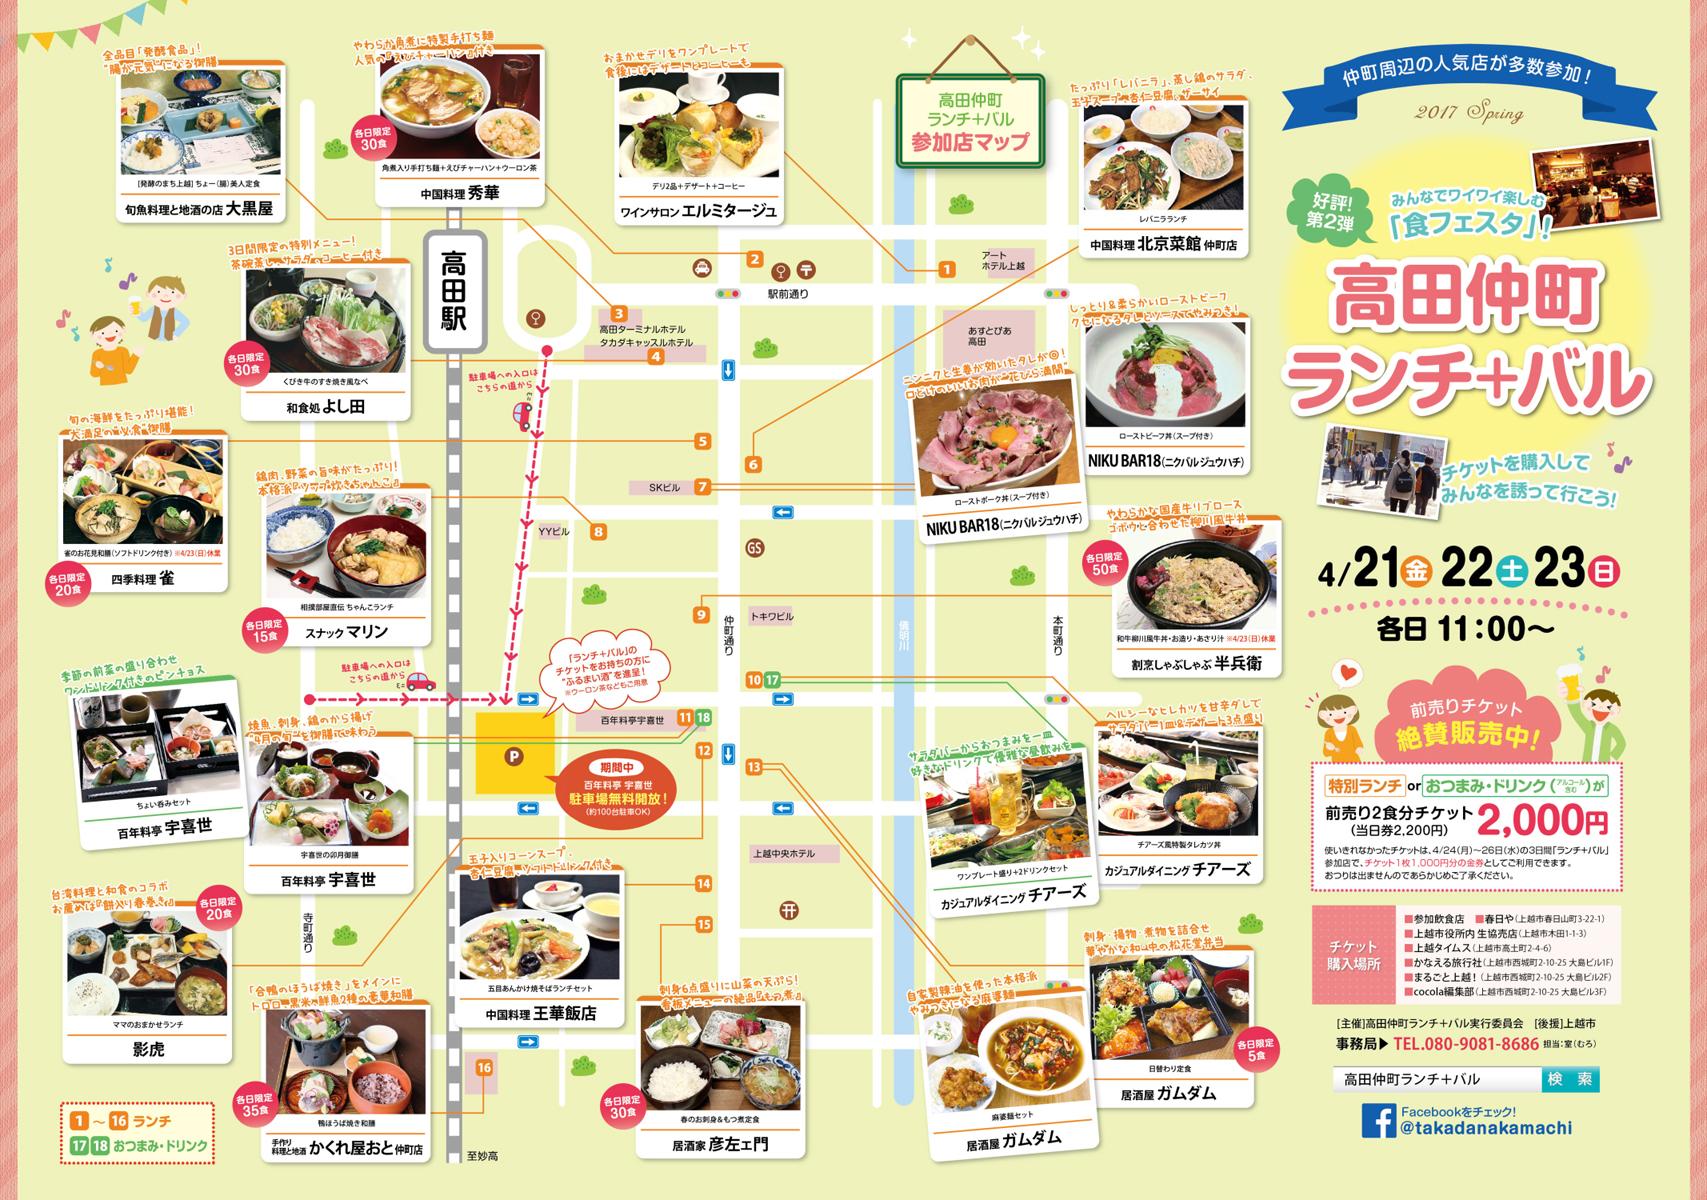 高田仲町ランチバル様1704map.jpg